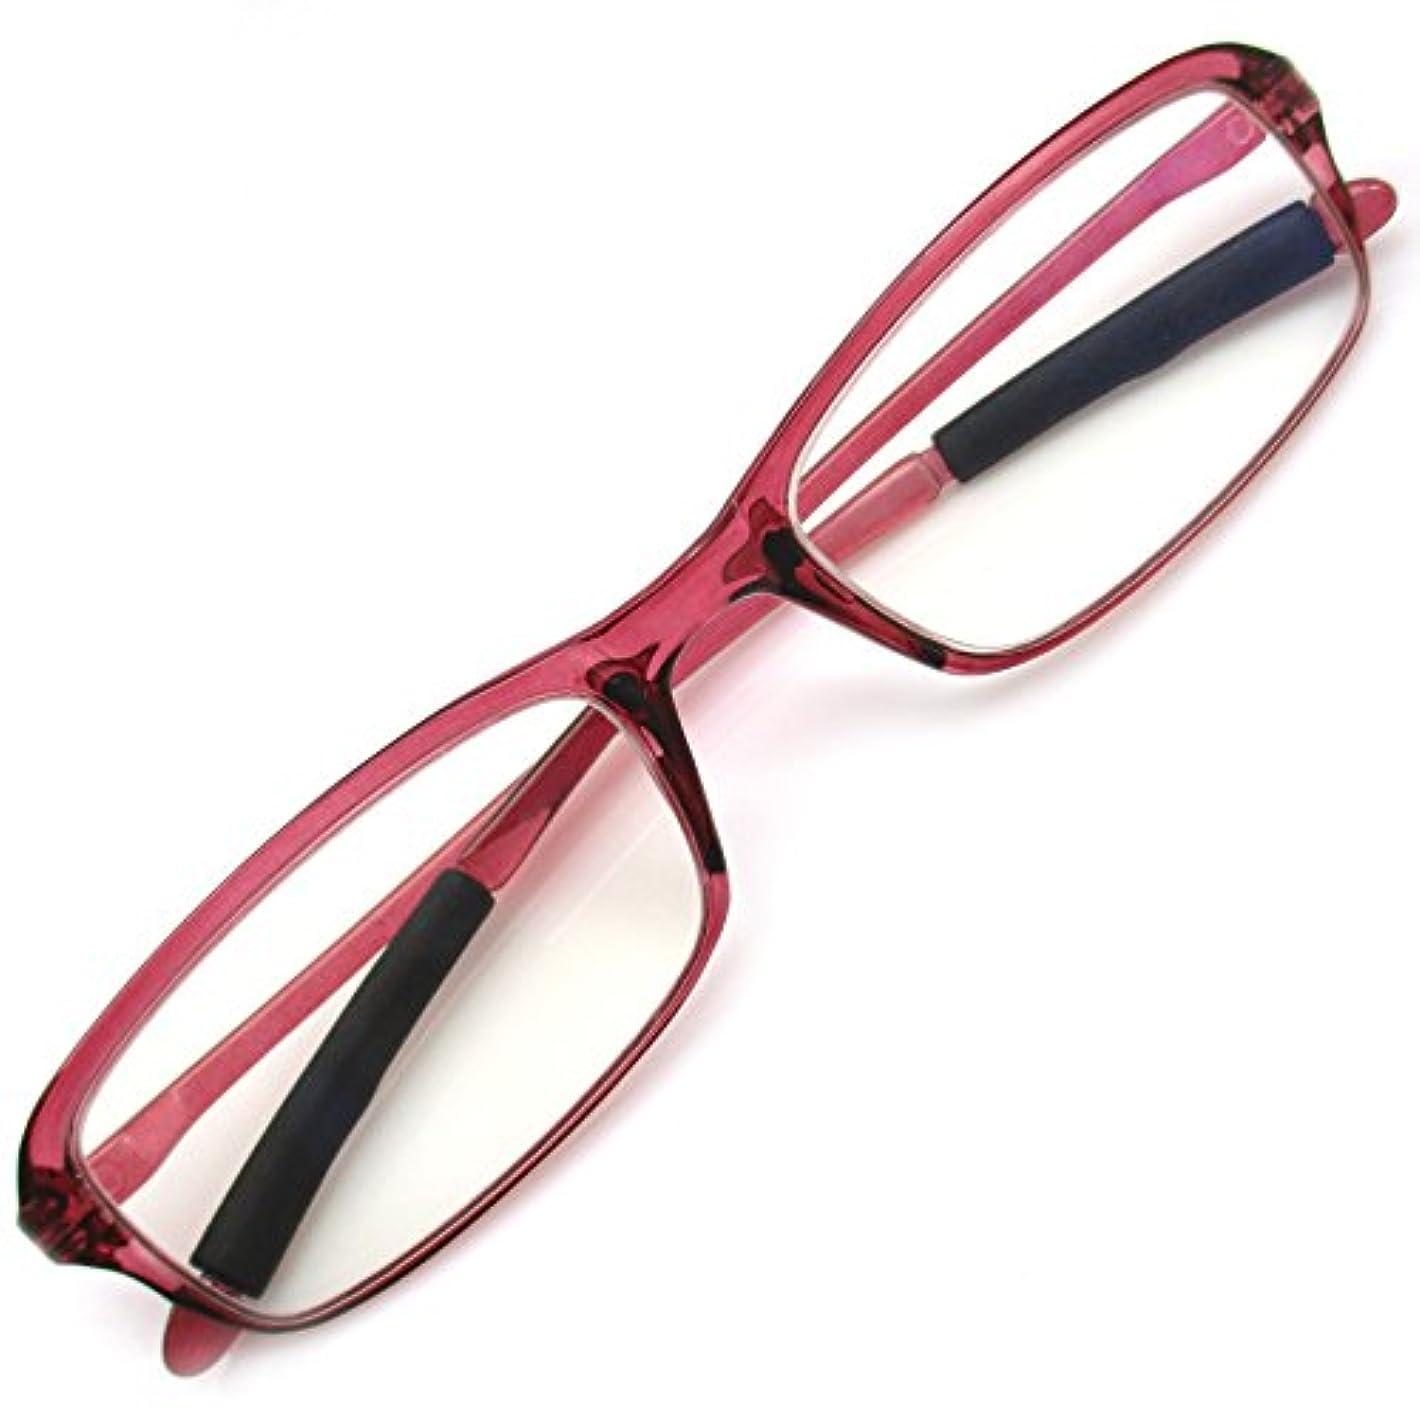 そのような意外真似る老眼鏡 ブルーライトカット PC リーディンググラス パソコン TR90 軽量 超弾性素材 (+2.00 ボルドー)